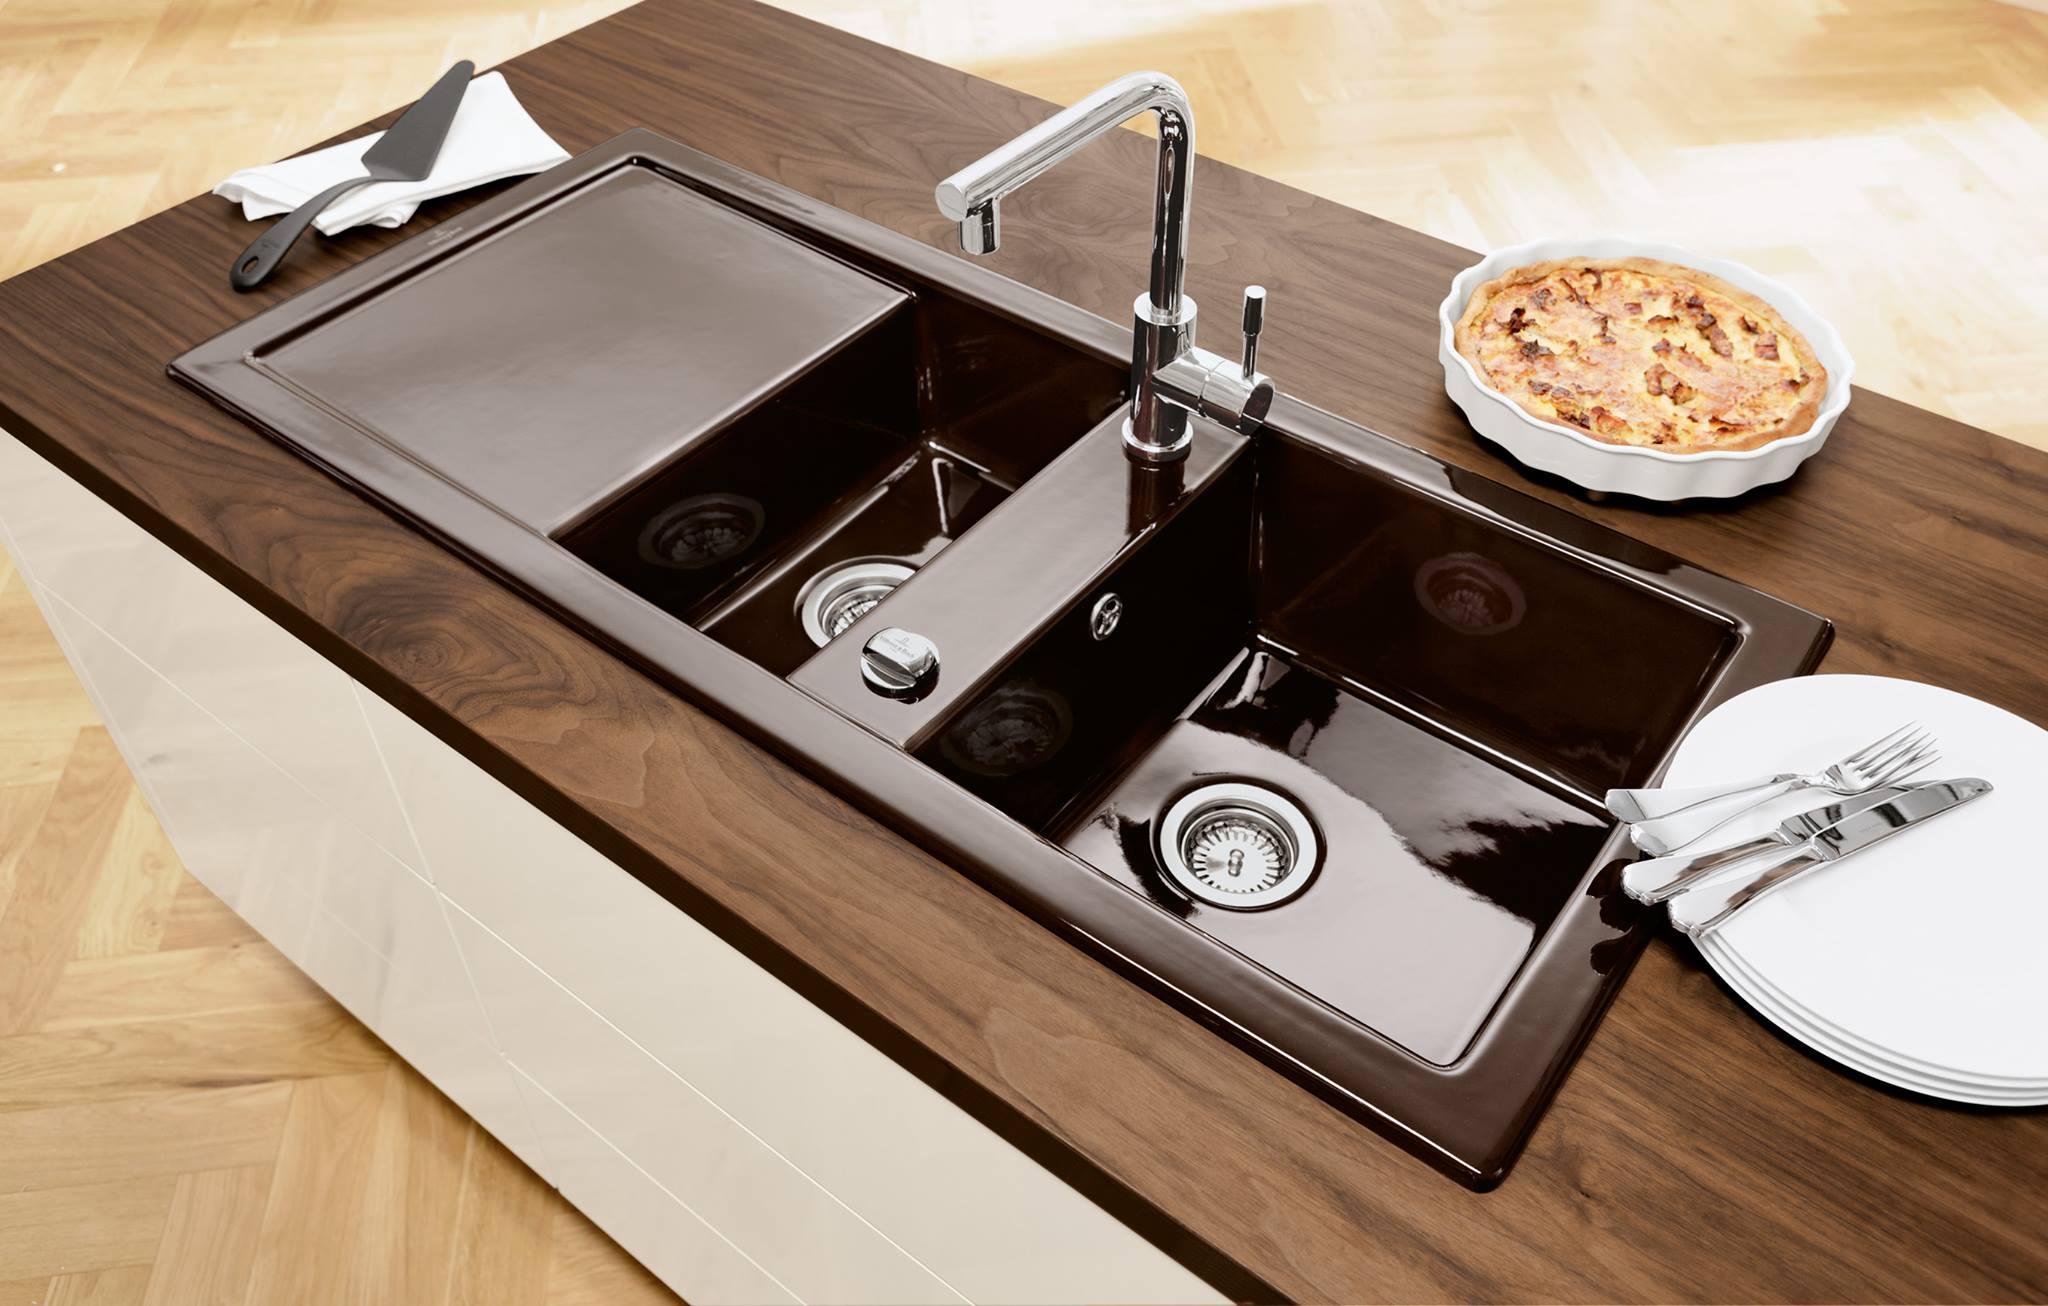 Quel évier (évier) choisir pour la cuisine: matériau, design